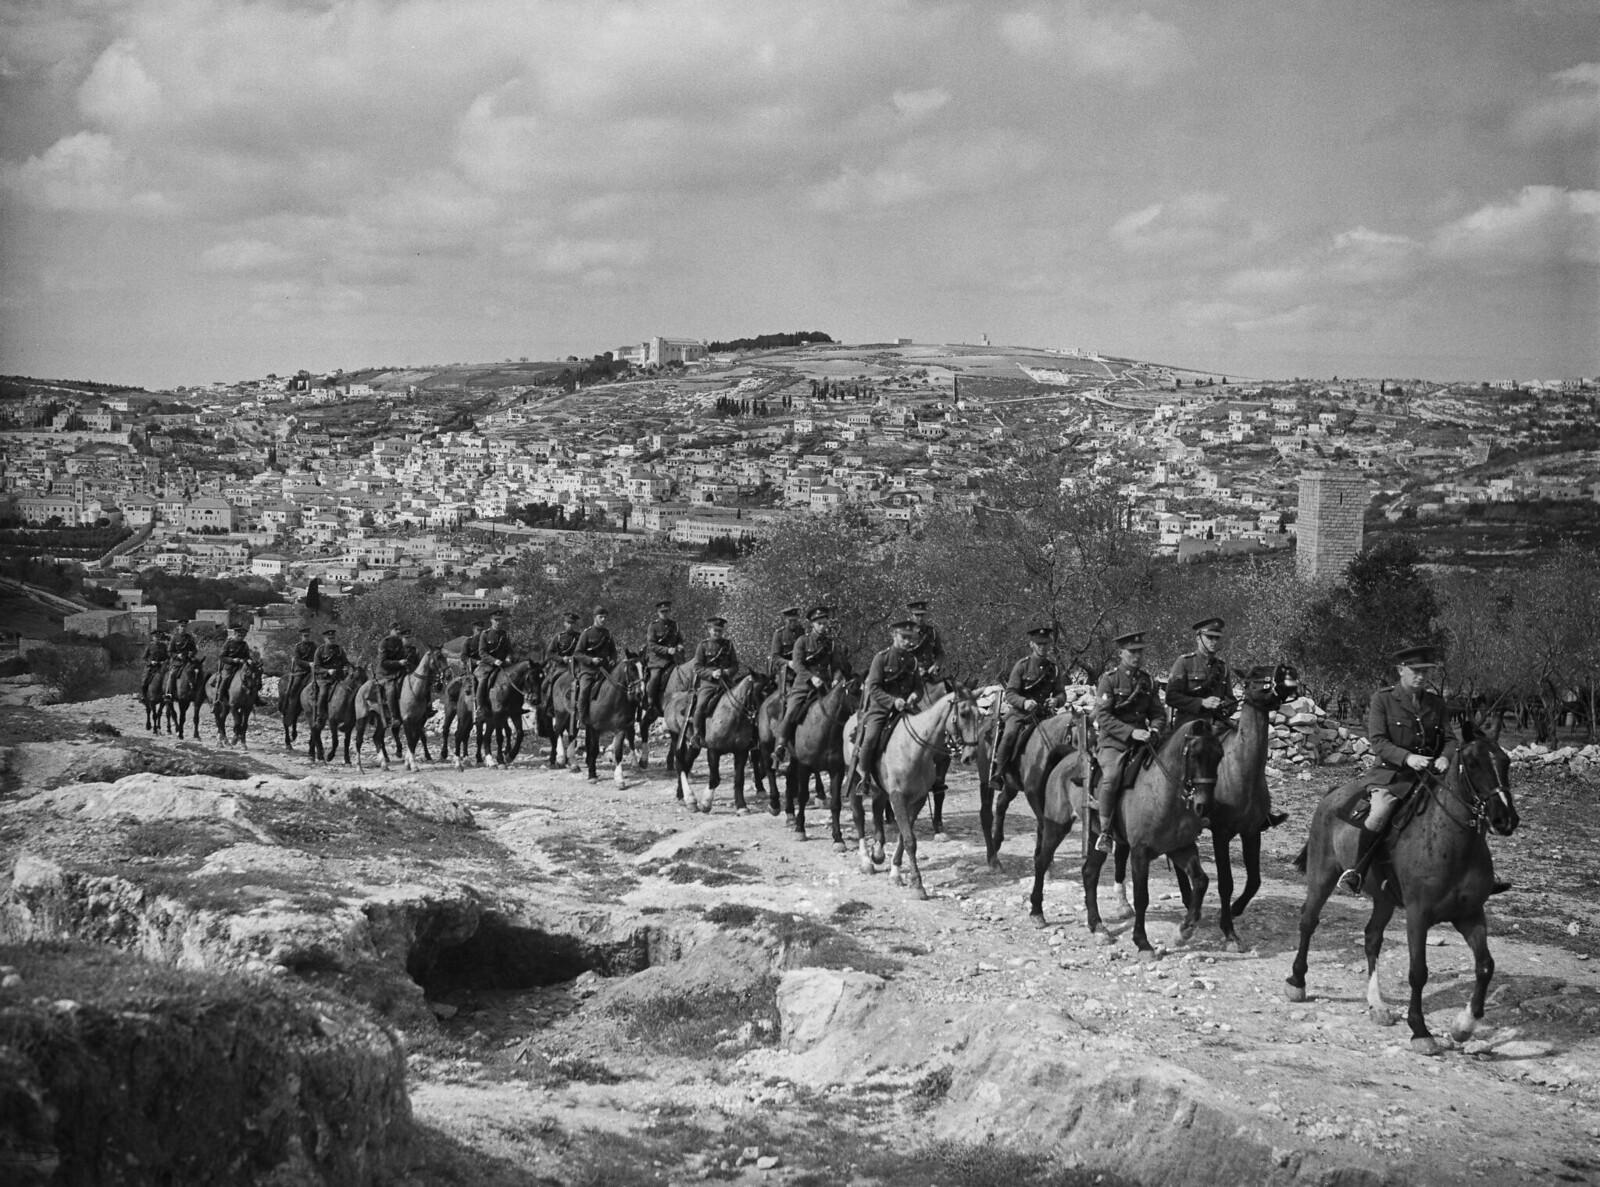 05. Члены составного кавалерийского полка британской армии во время тренировок за пределами старого города. Назарет